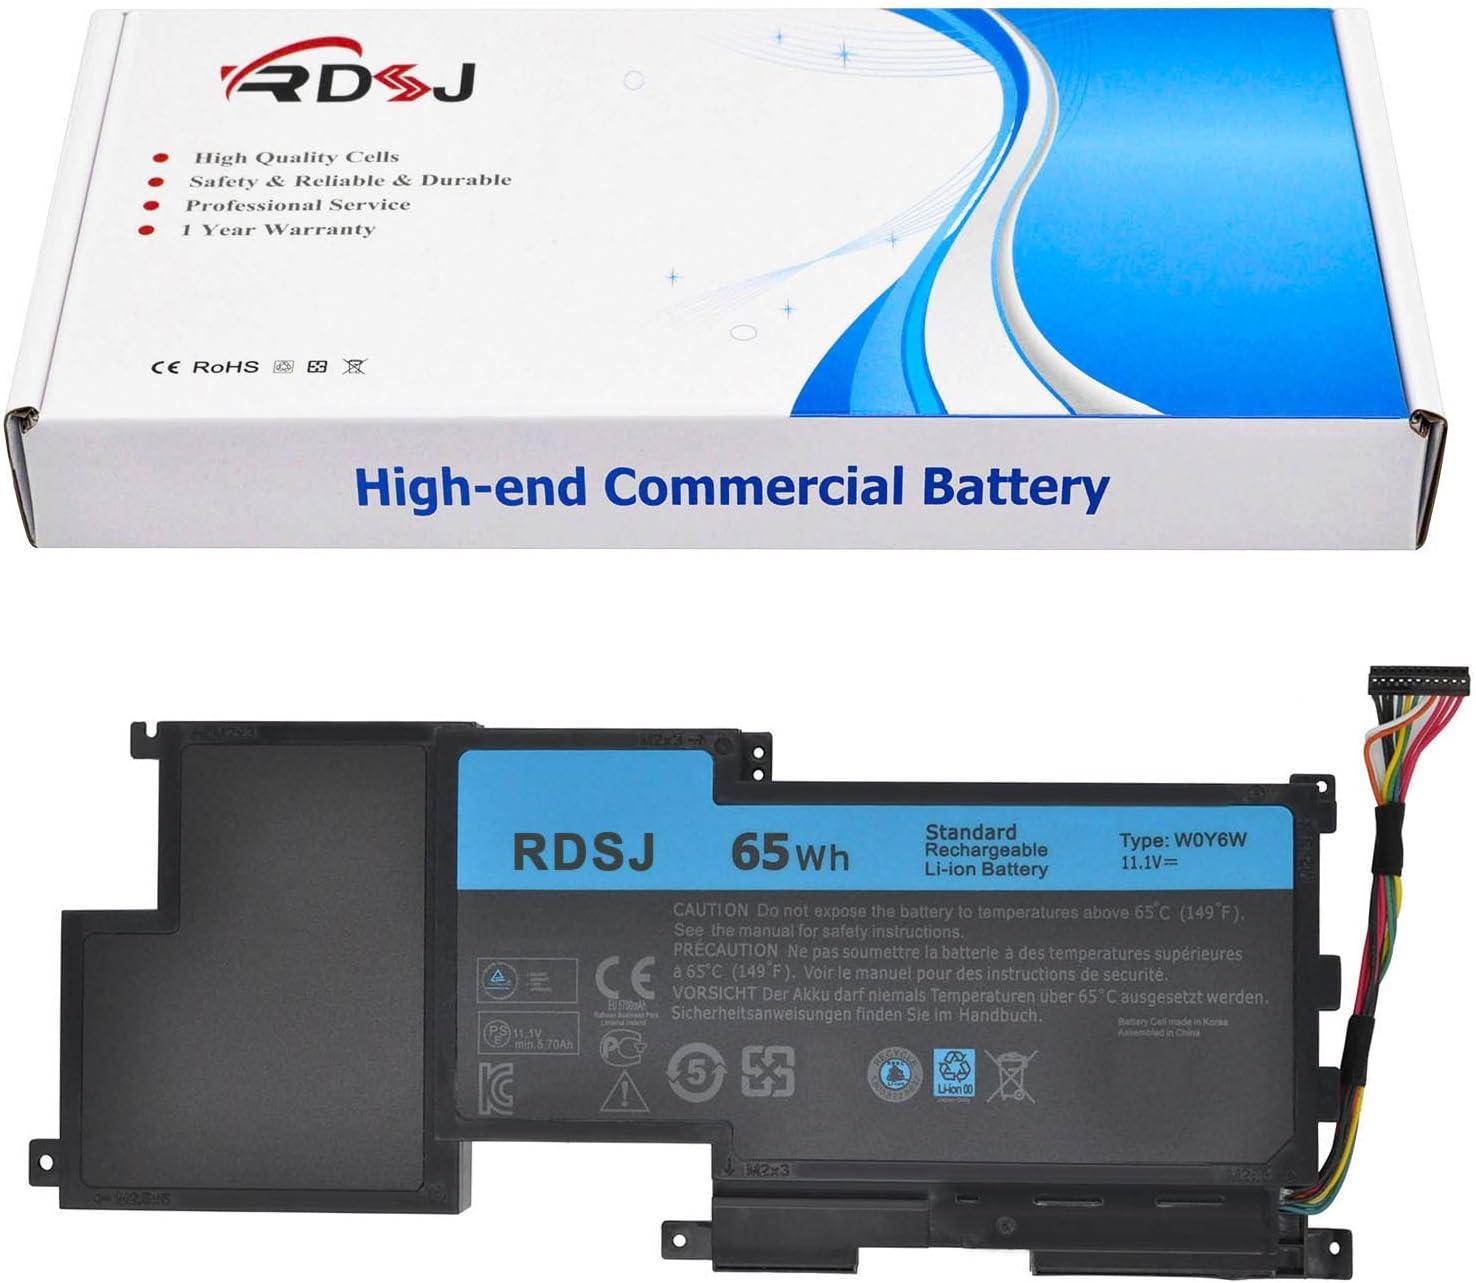 W0Y6W Laptop Battery for Dell XPS 15 L521X XPS 15-L521X XPS15-3828 Series WOY6W 3NPC0 03NPC0 CN-03NPC0 9F233 09F233 9F2JJ 09F2JJ T1G6P 11.1V 65Wh